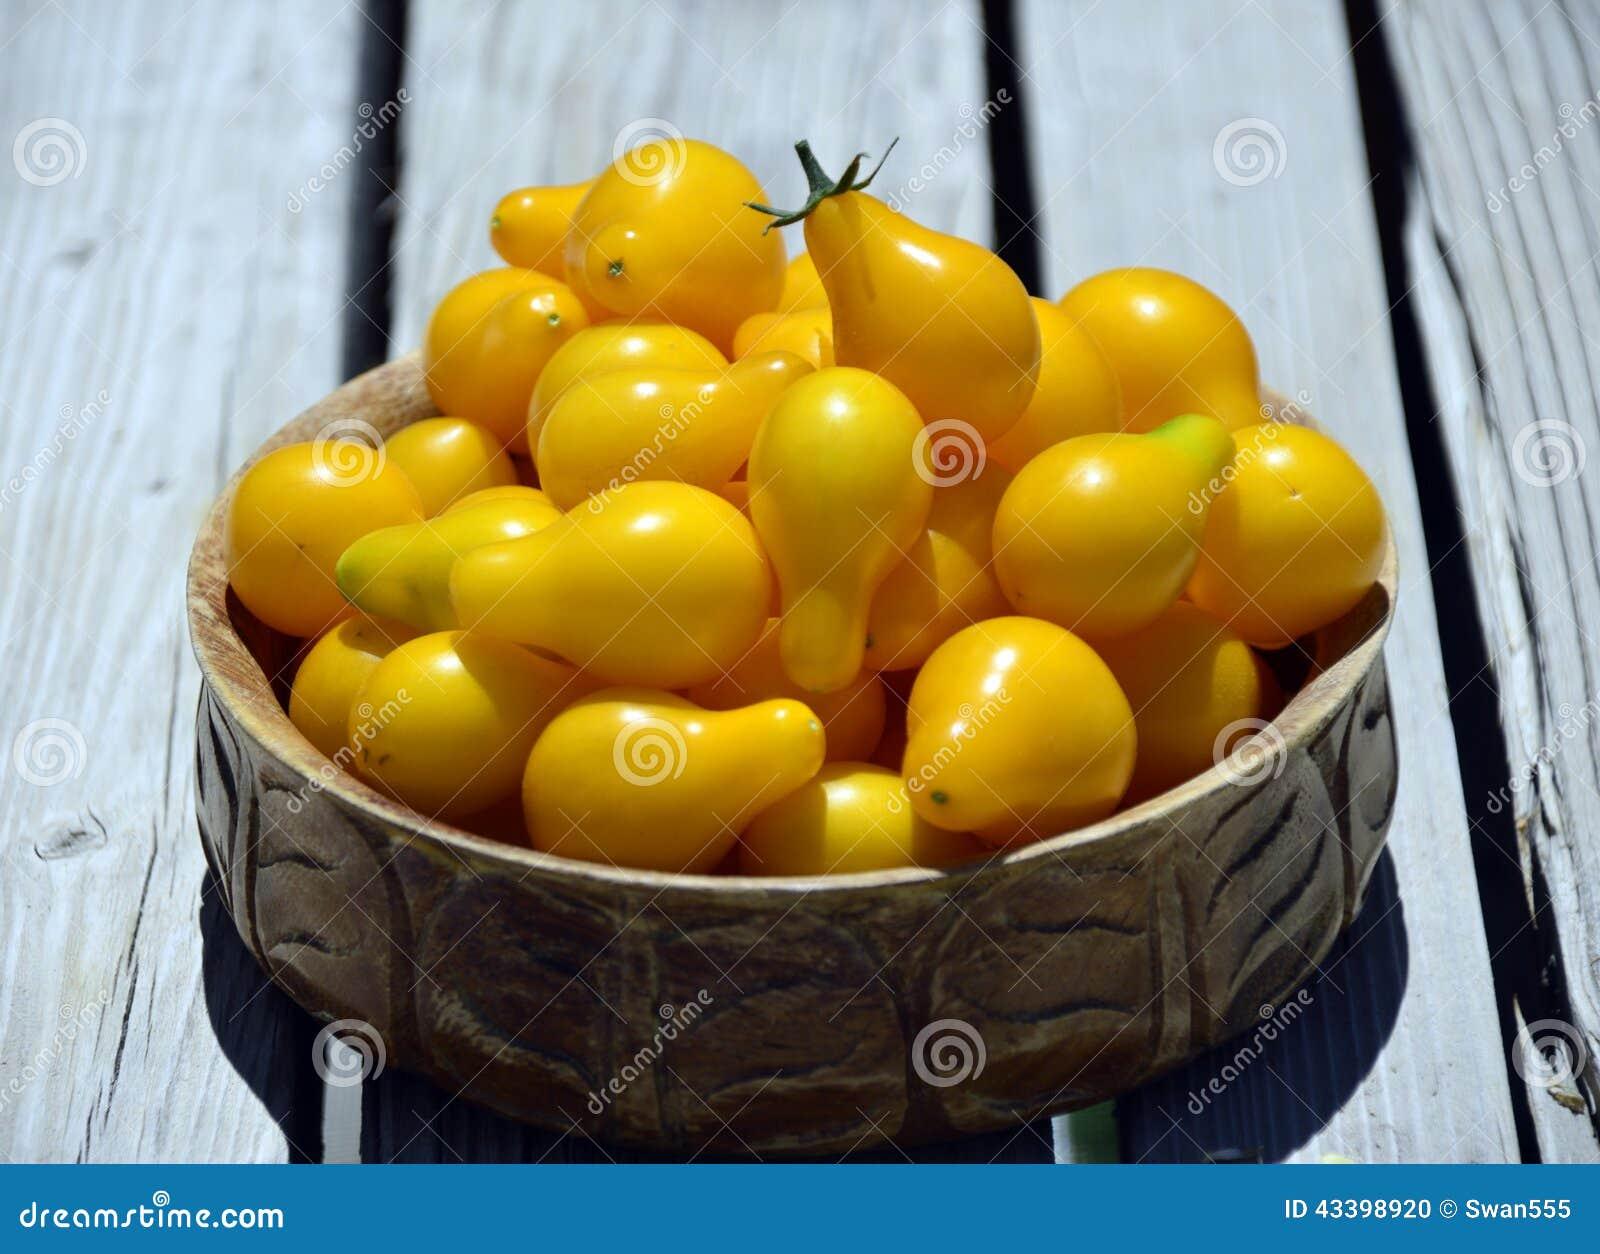 Tomates-cerises jaunes